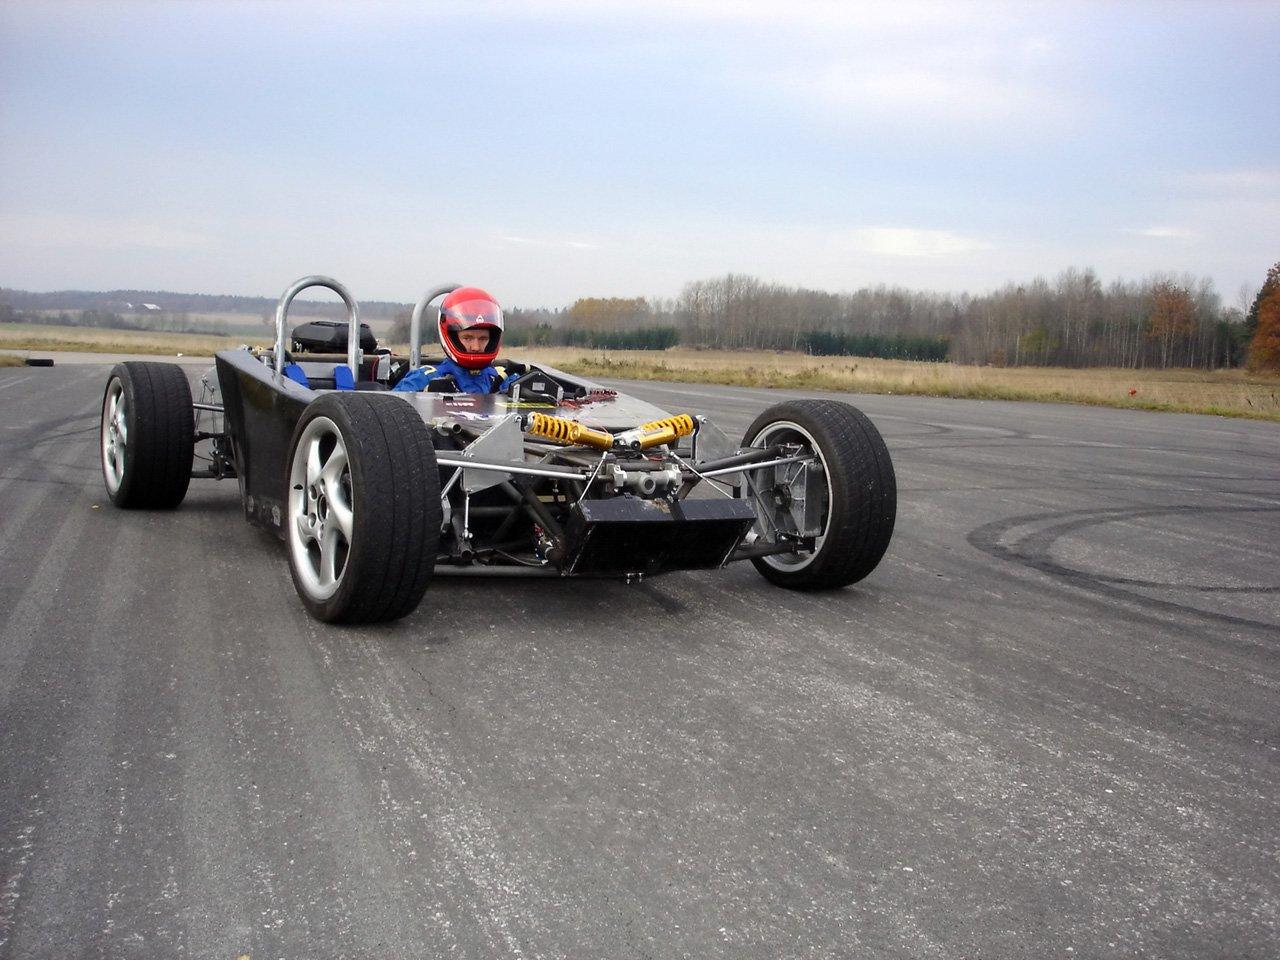 2006-Laboratorio-BEBI-Quercianella-Chassis-Track-1280x960.jpg